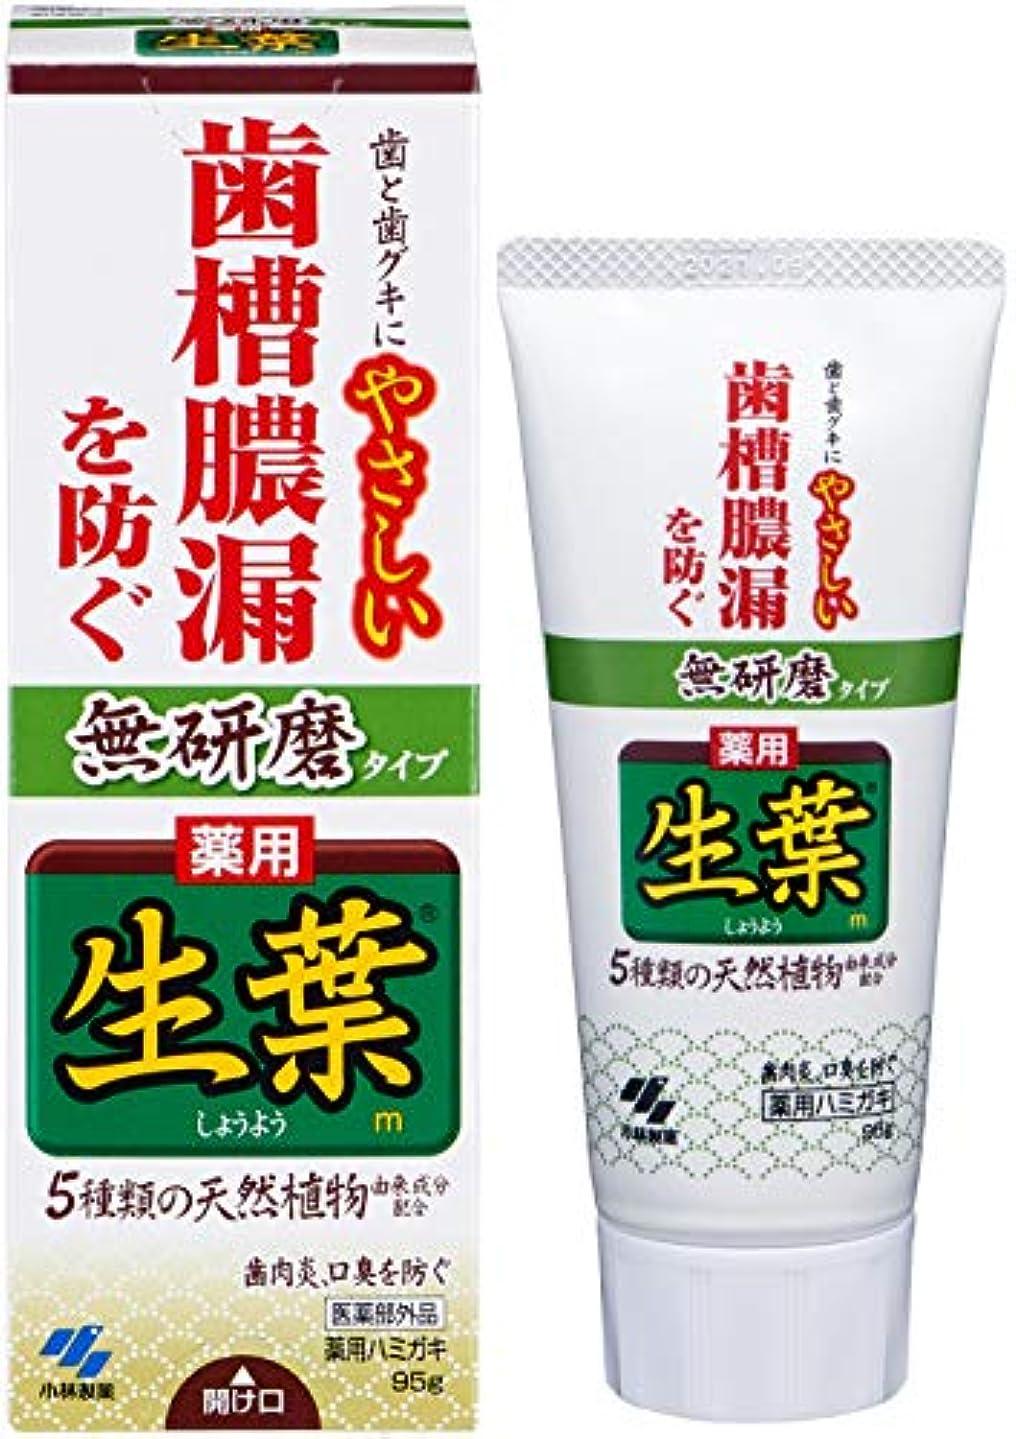 画像つらい増強する生葉(しょうよう) 無研磨タイプ 歯槽膿漏を防ぐ 薬用ハミガキ ハーブミント味 95g 【医薬部外品】